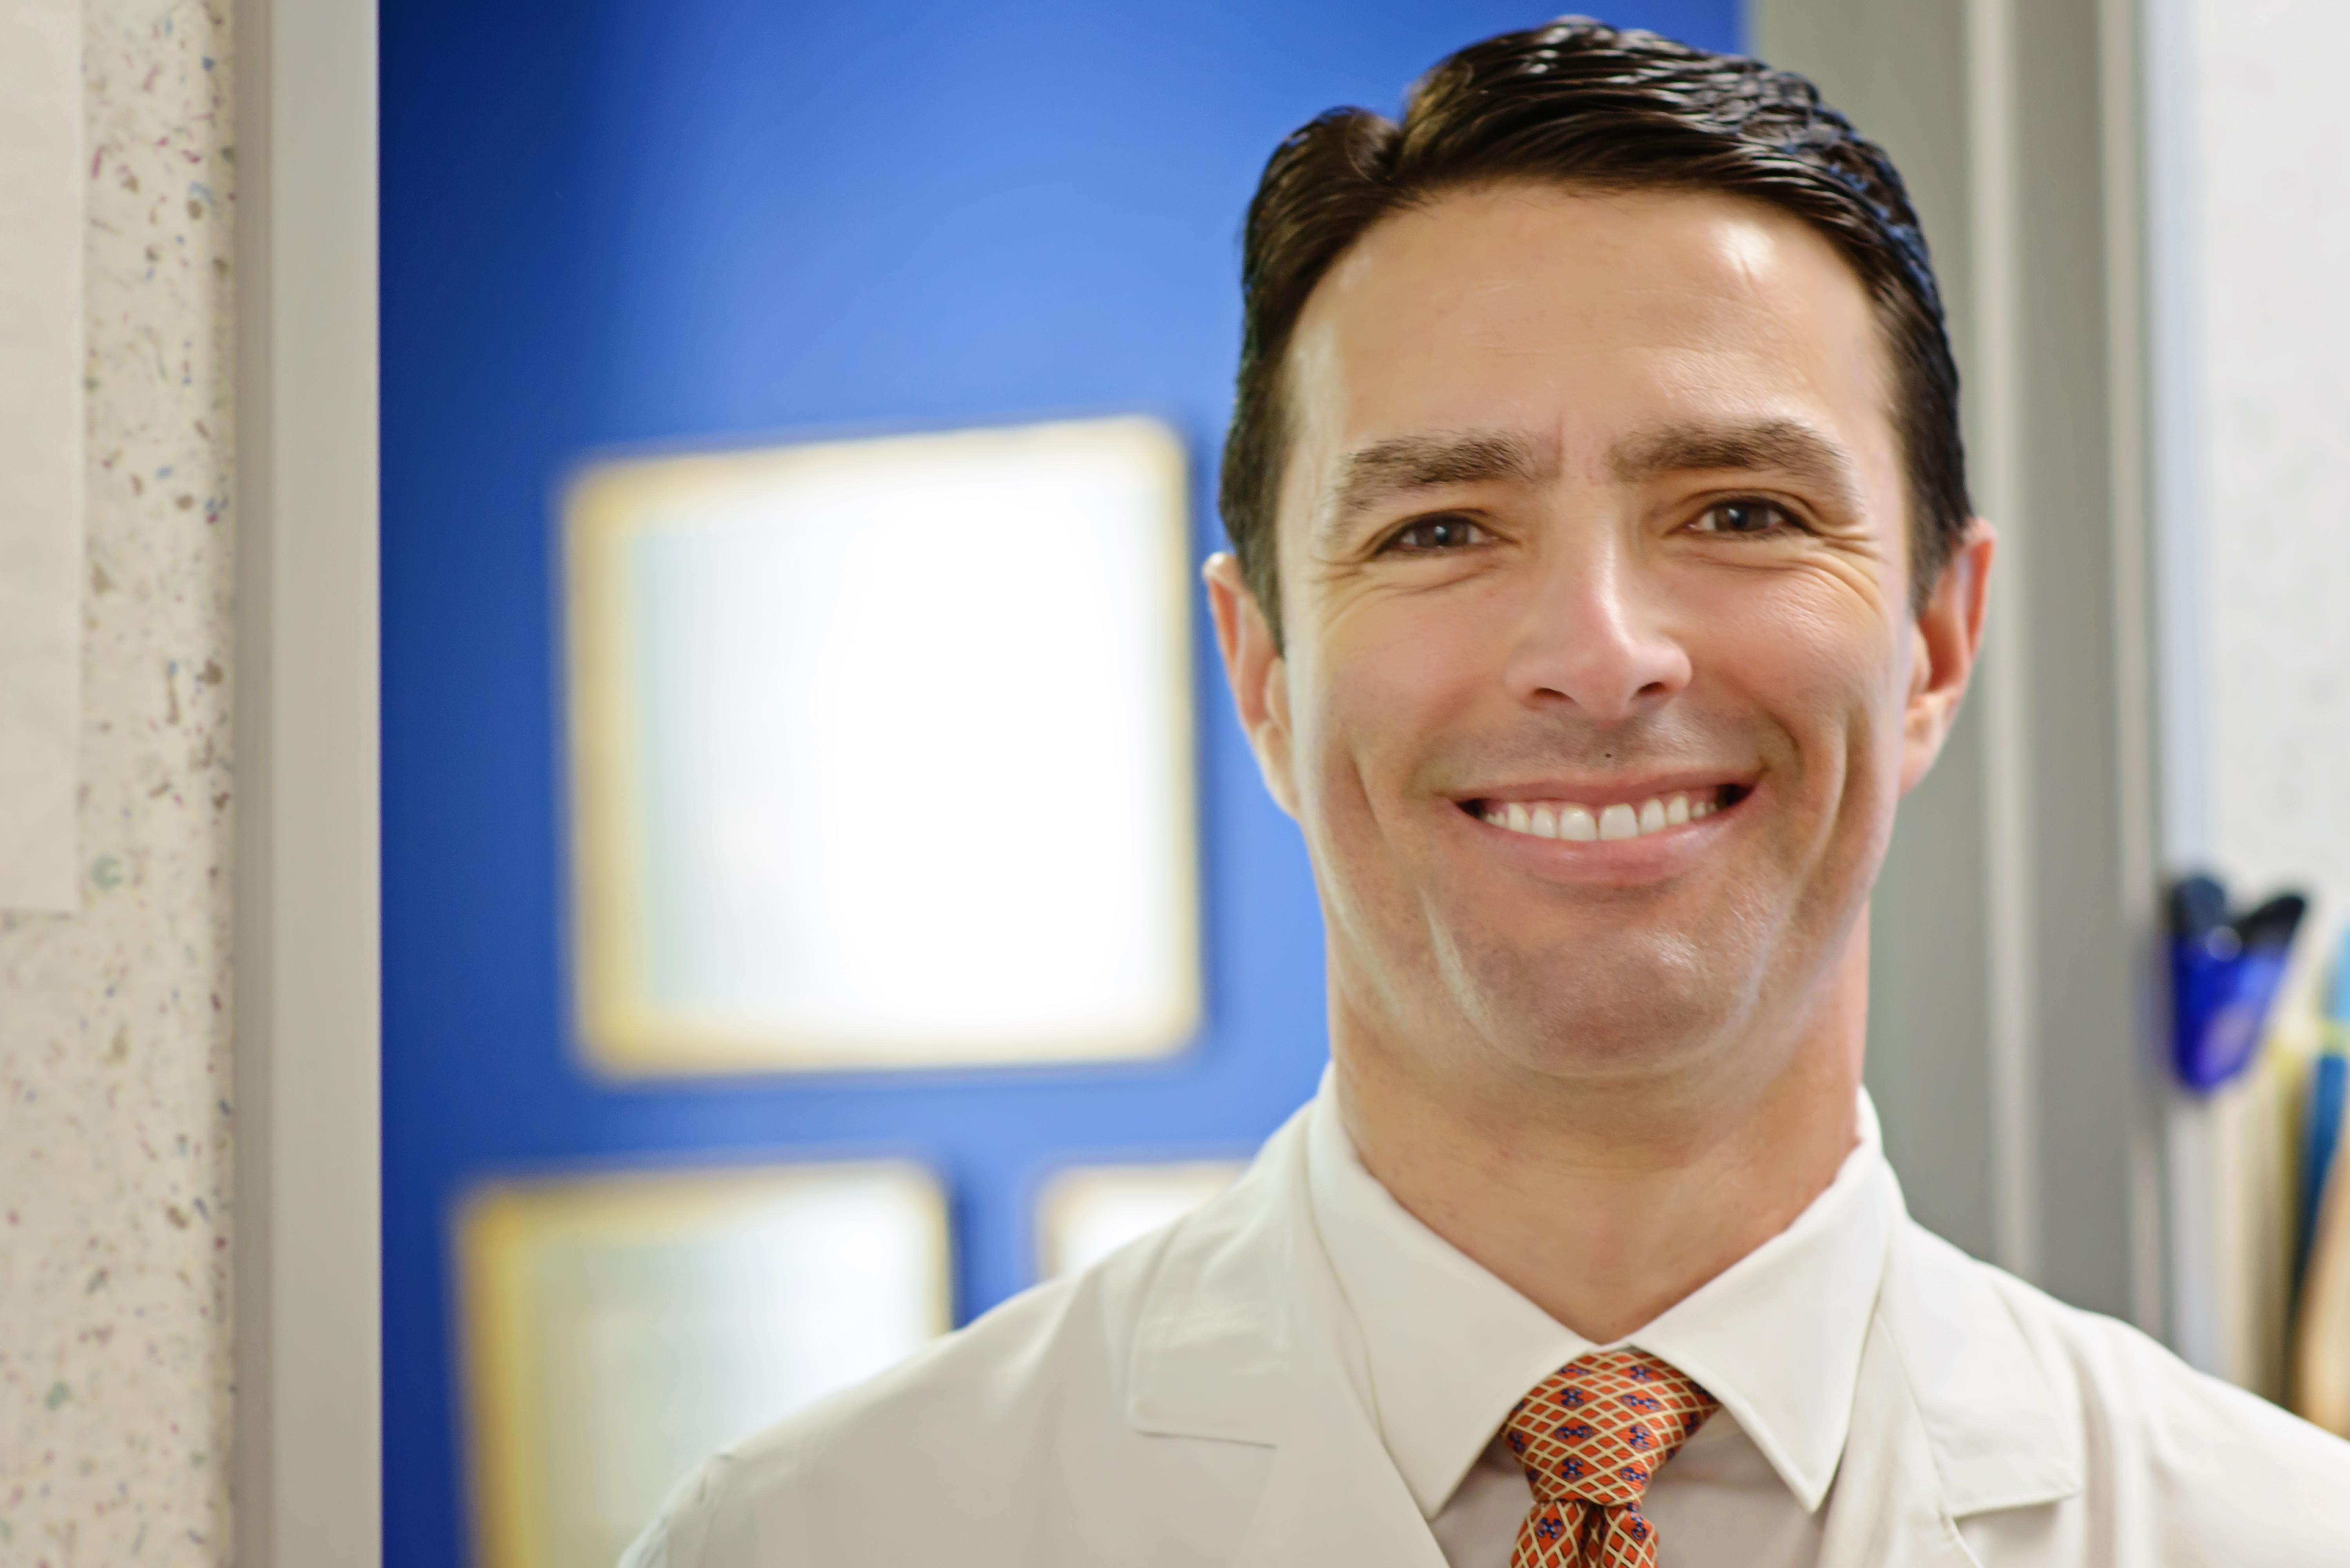 Physicians – MacGregor Medical Center – San Antonio